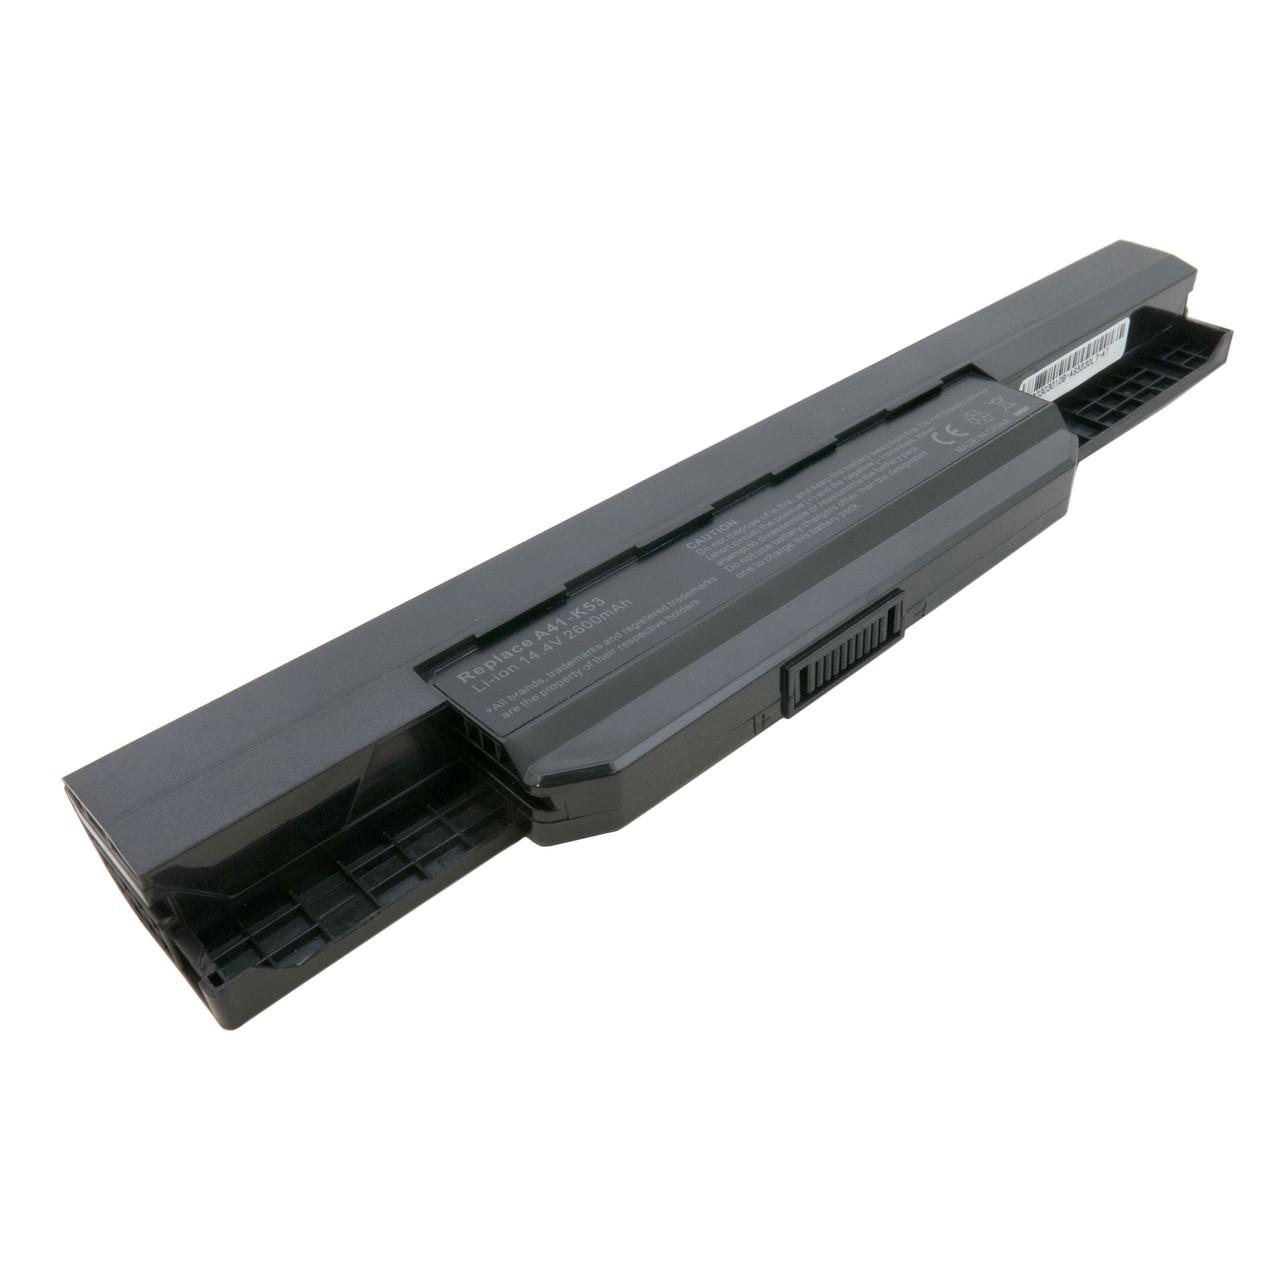 Аккумулятор для ноутбуков Asus K53 (A32-K53) 14.4V 2600mAh Extradigital